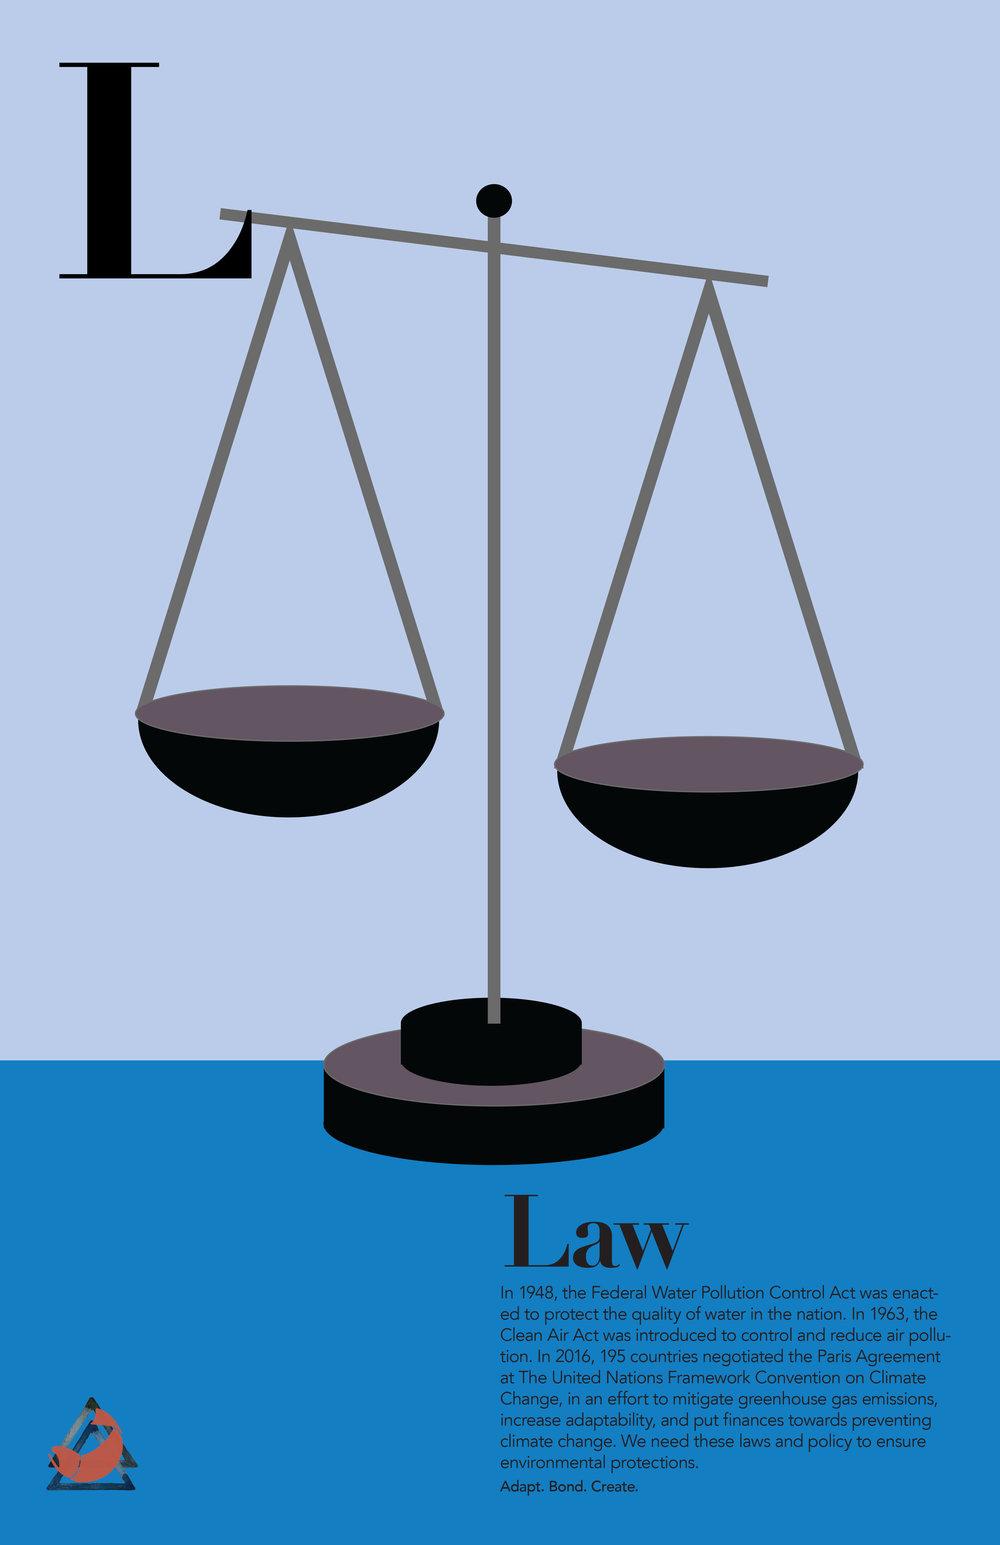 law_final copy.jpg